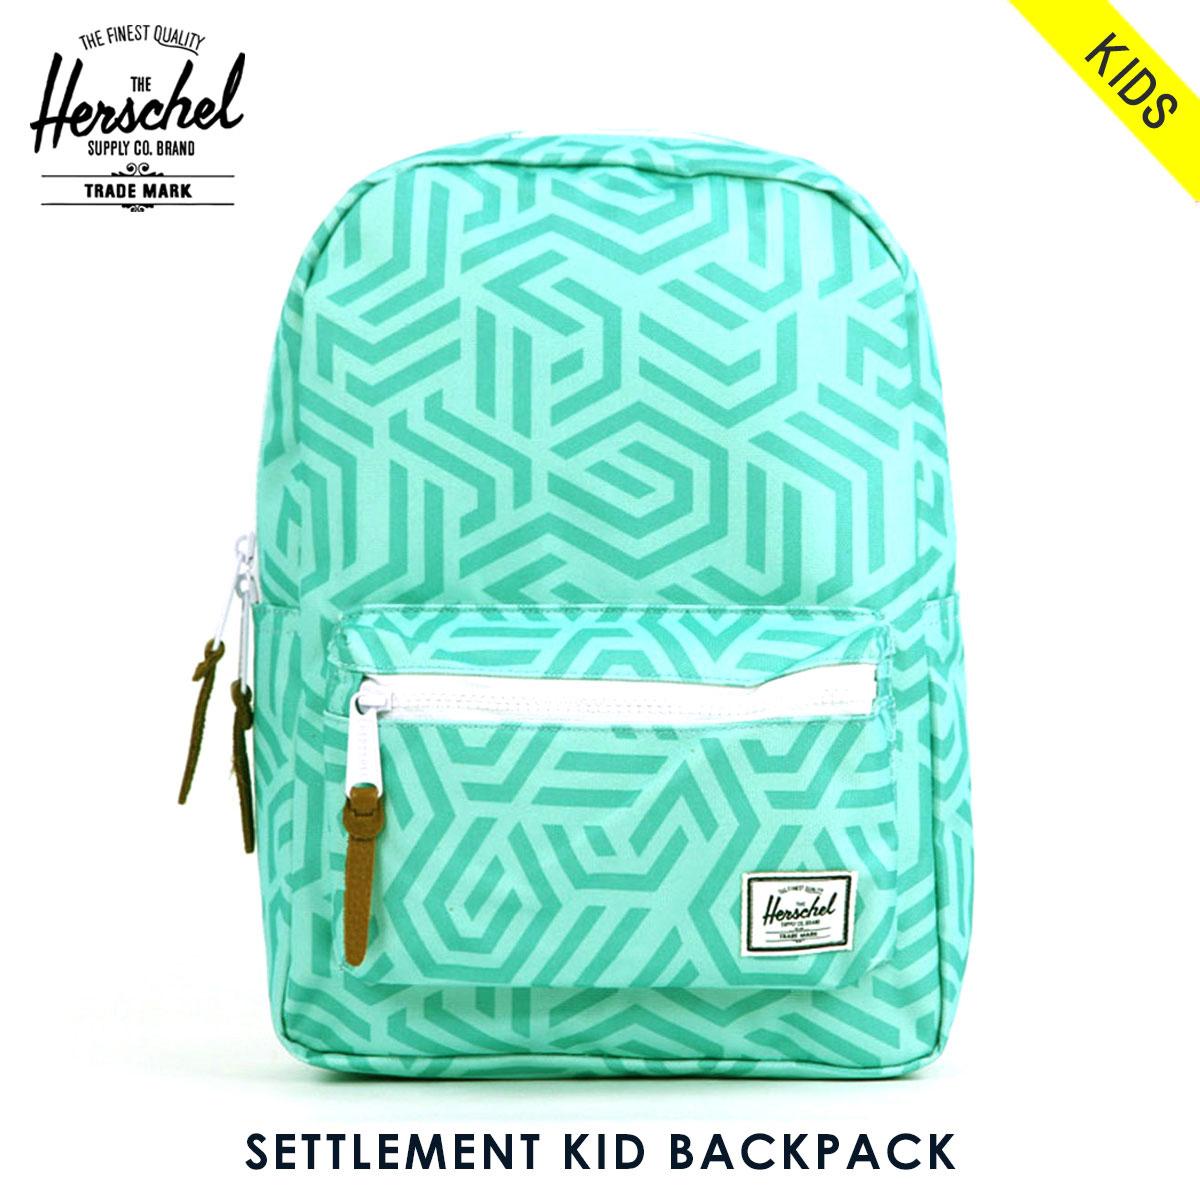 c1c85532a034 Rakuten Ichiba shop MIXON  Herschel supply Herschel Supply regular sale  shop bag rucksack SETTLEMENT KID BACKPACK 10074-01208-OS TEAL METRIC  20P03Dec16 ...